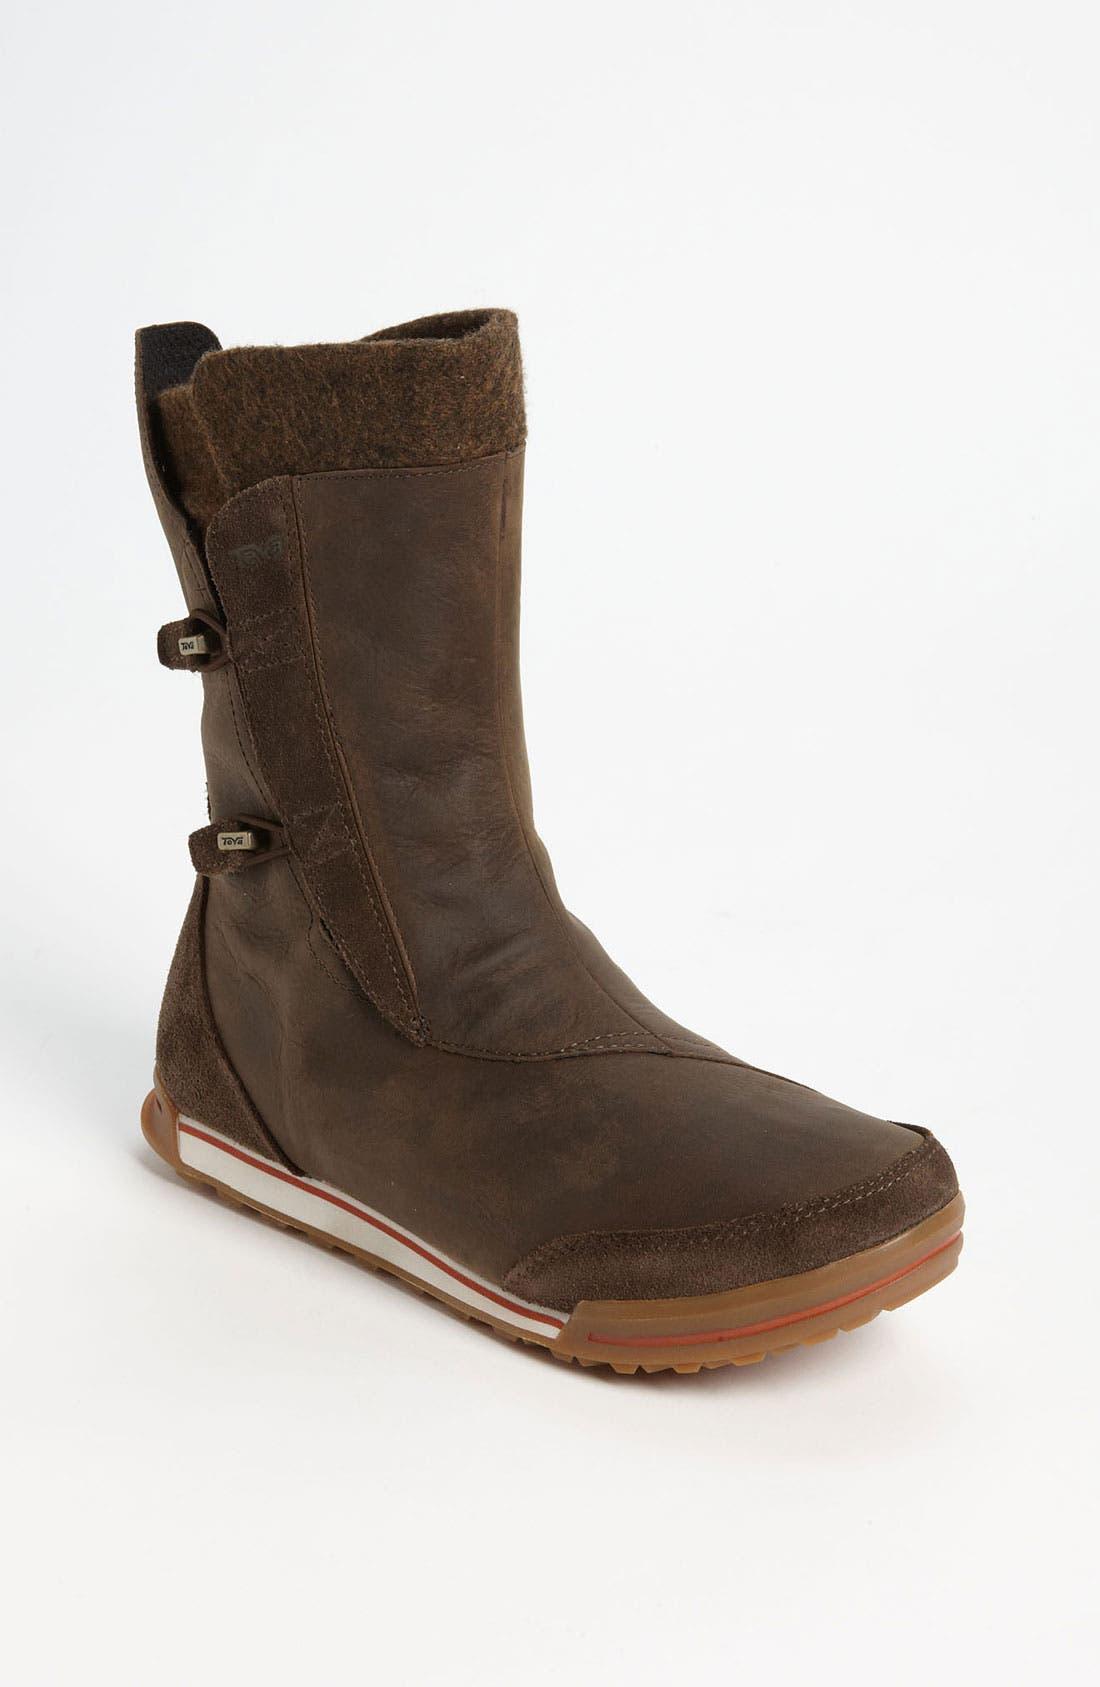 Main Image - Teva 'Hayley' Waterproof Boot